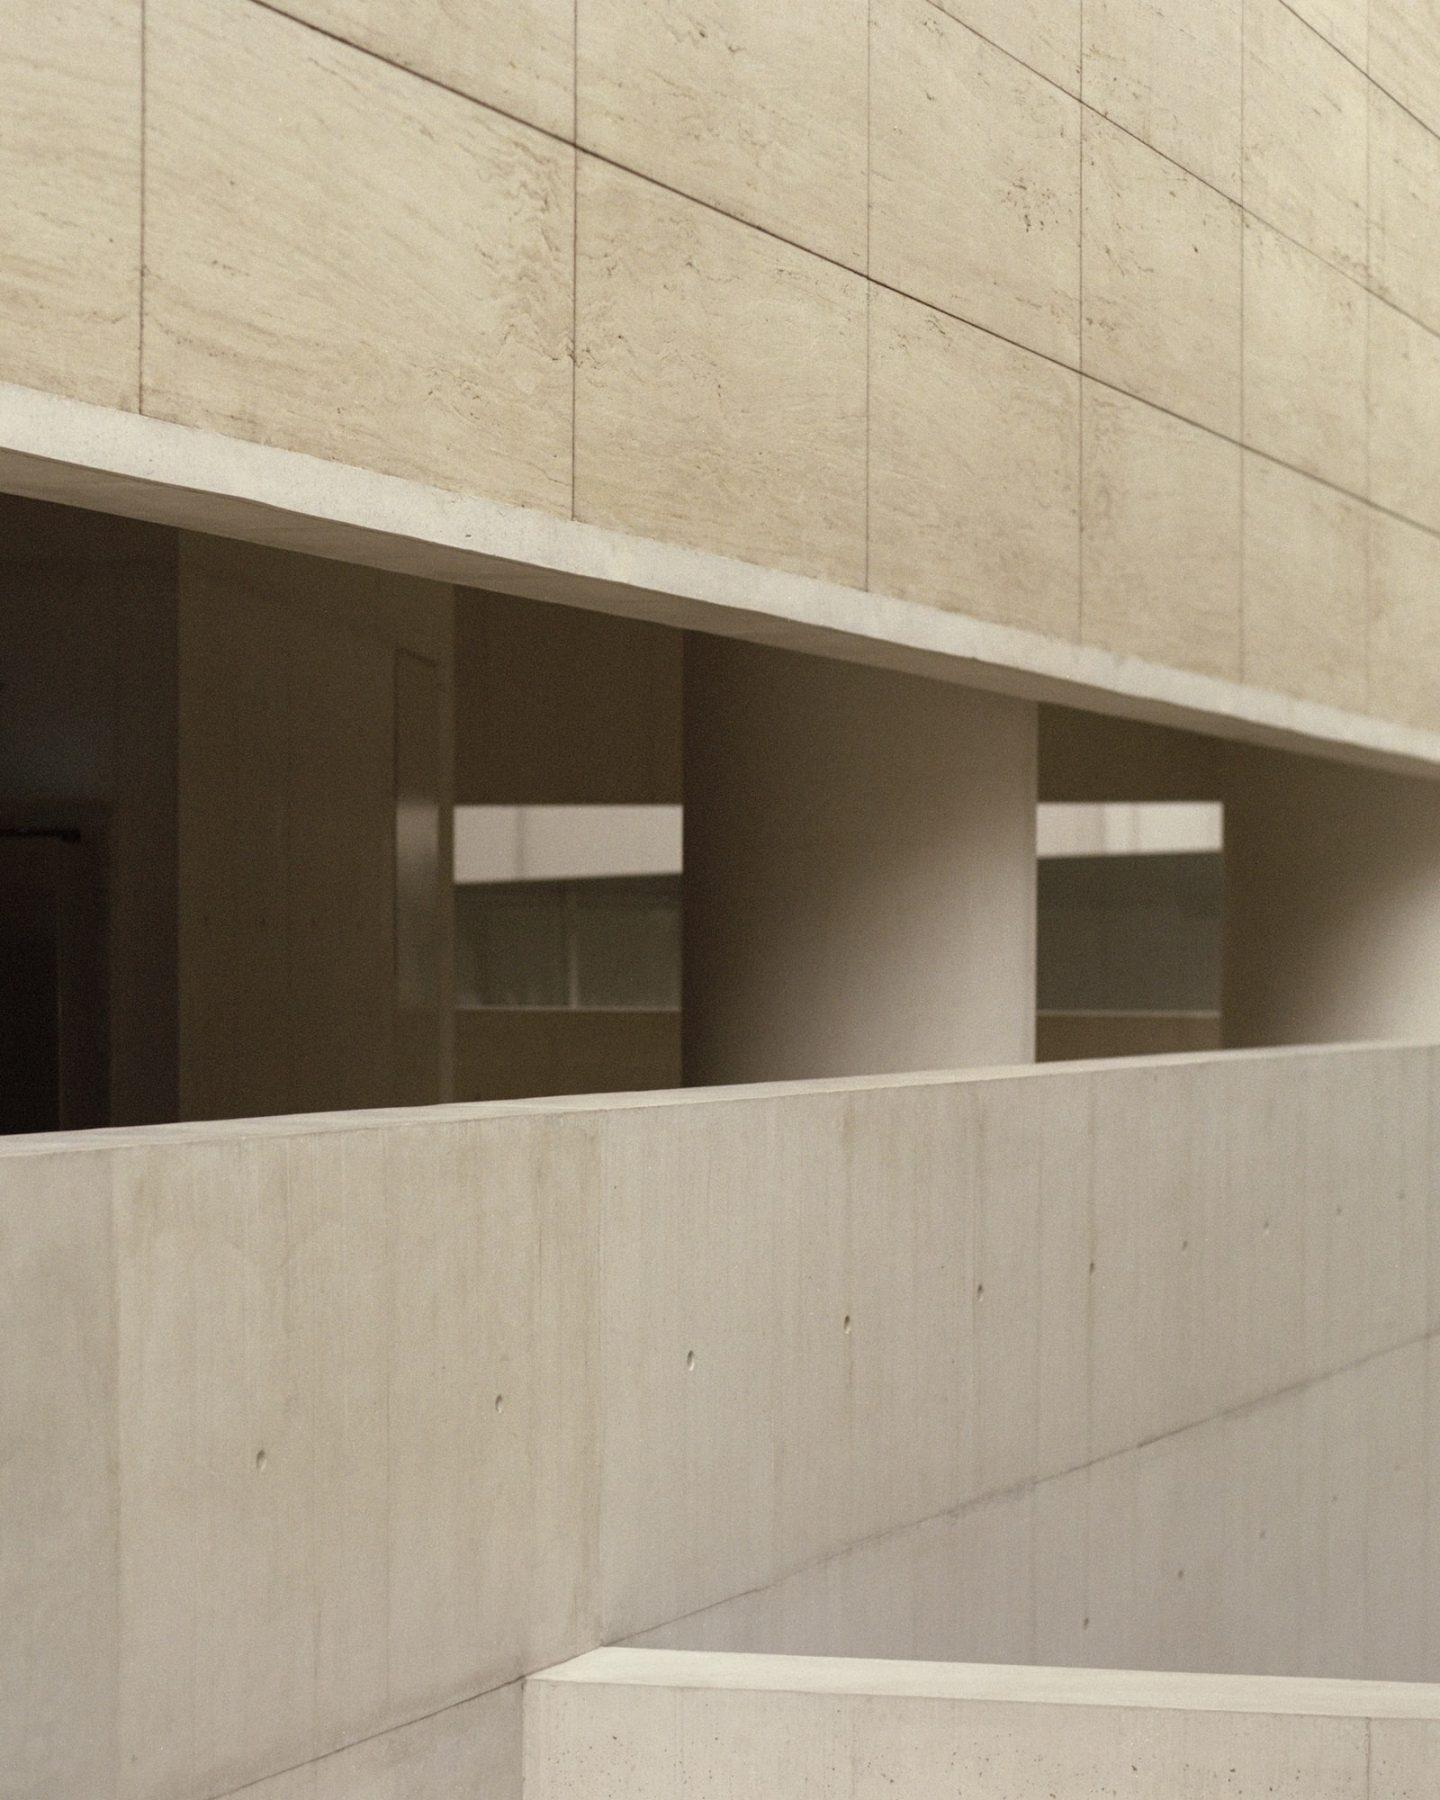 IGNANT-Travel-Museo-Jumex-Rory-Gardiner-08